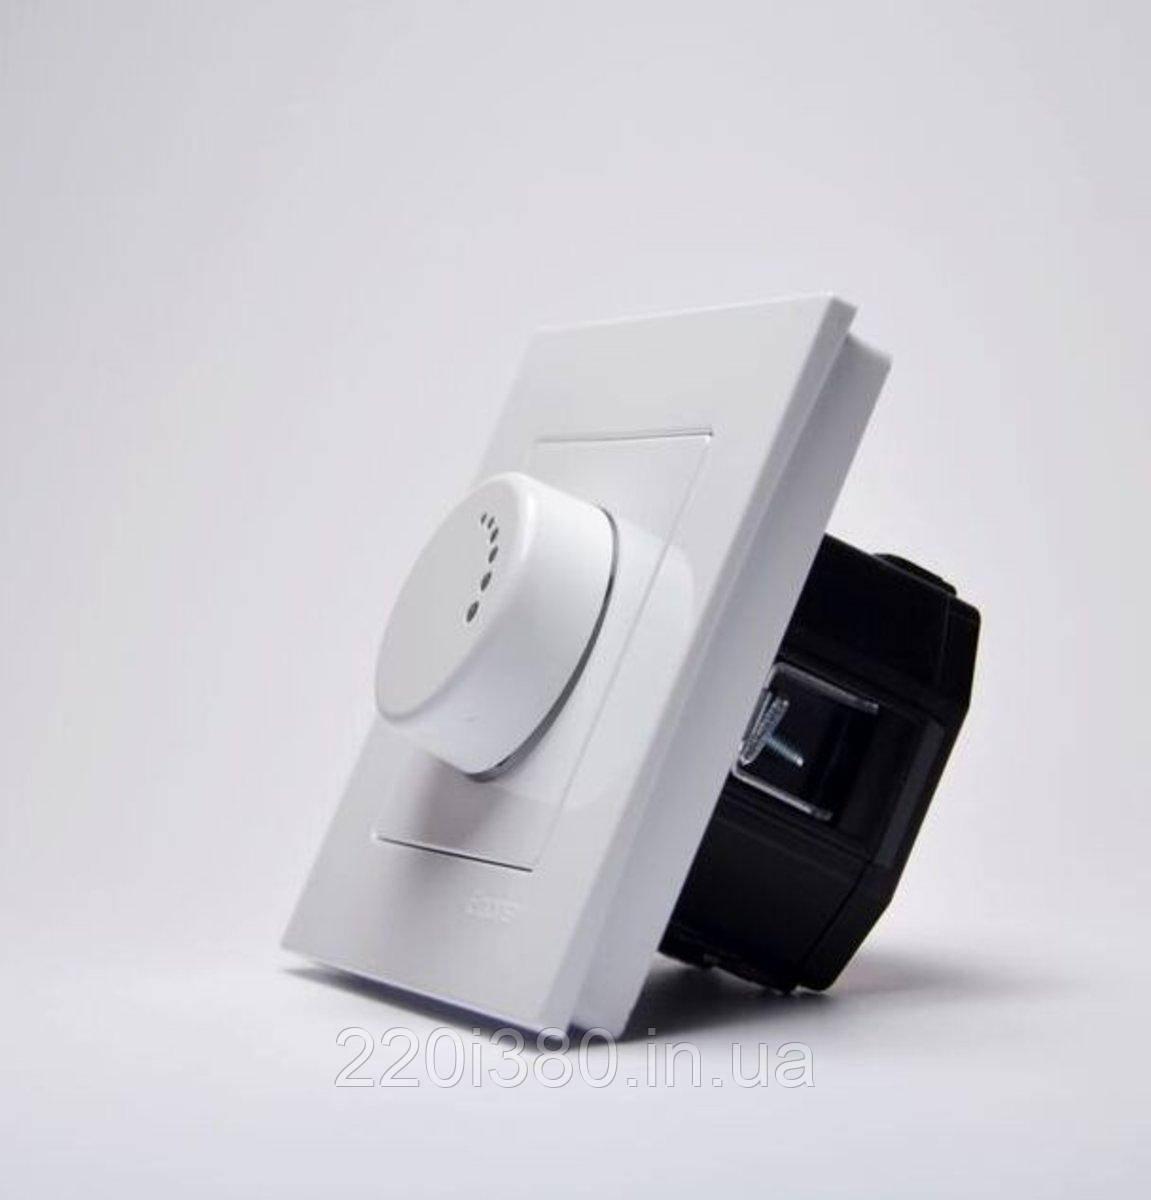 Eqona Светорегулятор 1000Вт крем